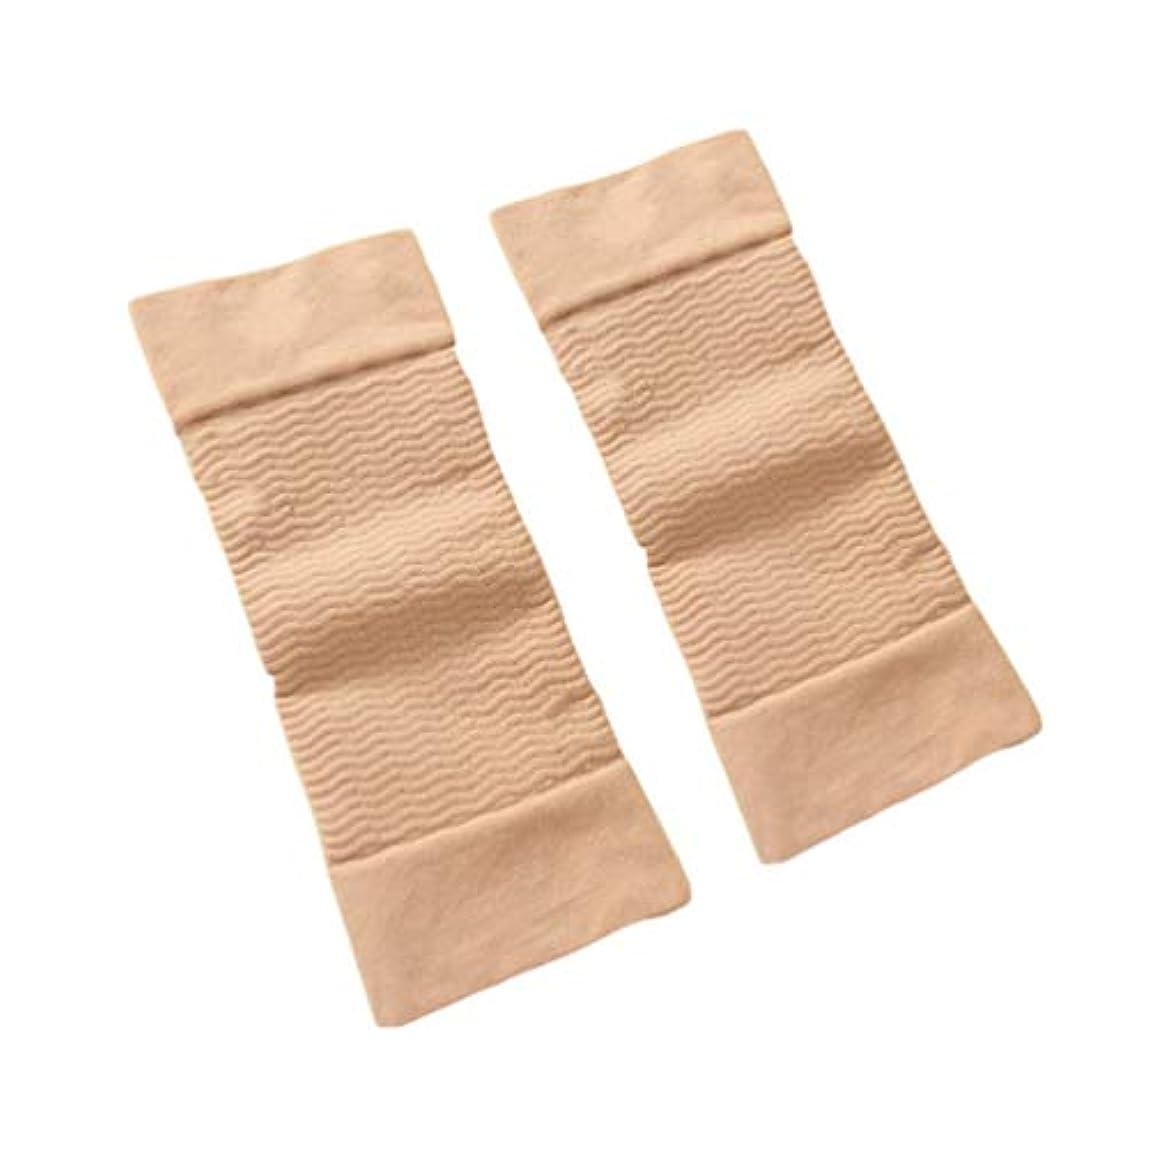 かごみなす村1ペア420 D圧縮痩身アームスリーブワークアウトトーニングバーンセルライトシェイパー脂肪燃焼袖用女性 - 肌色